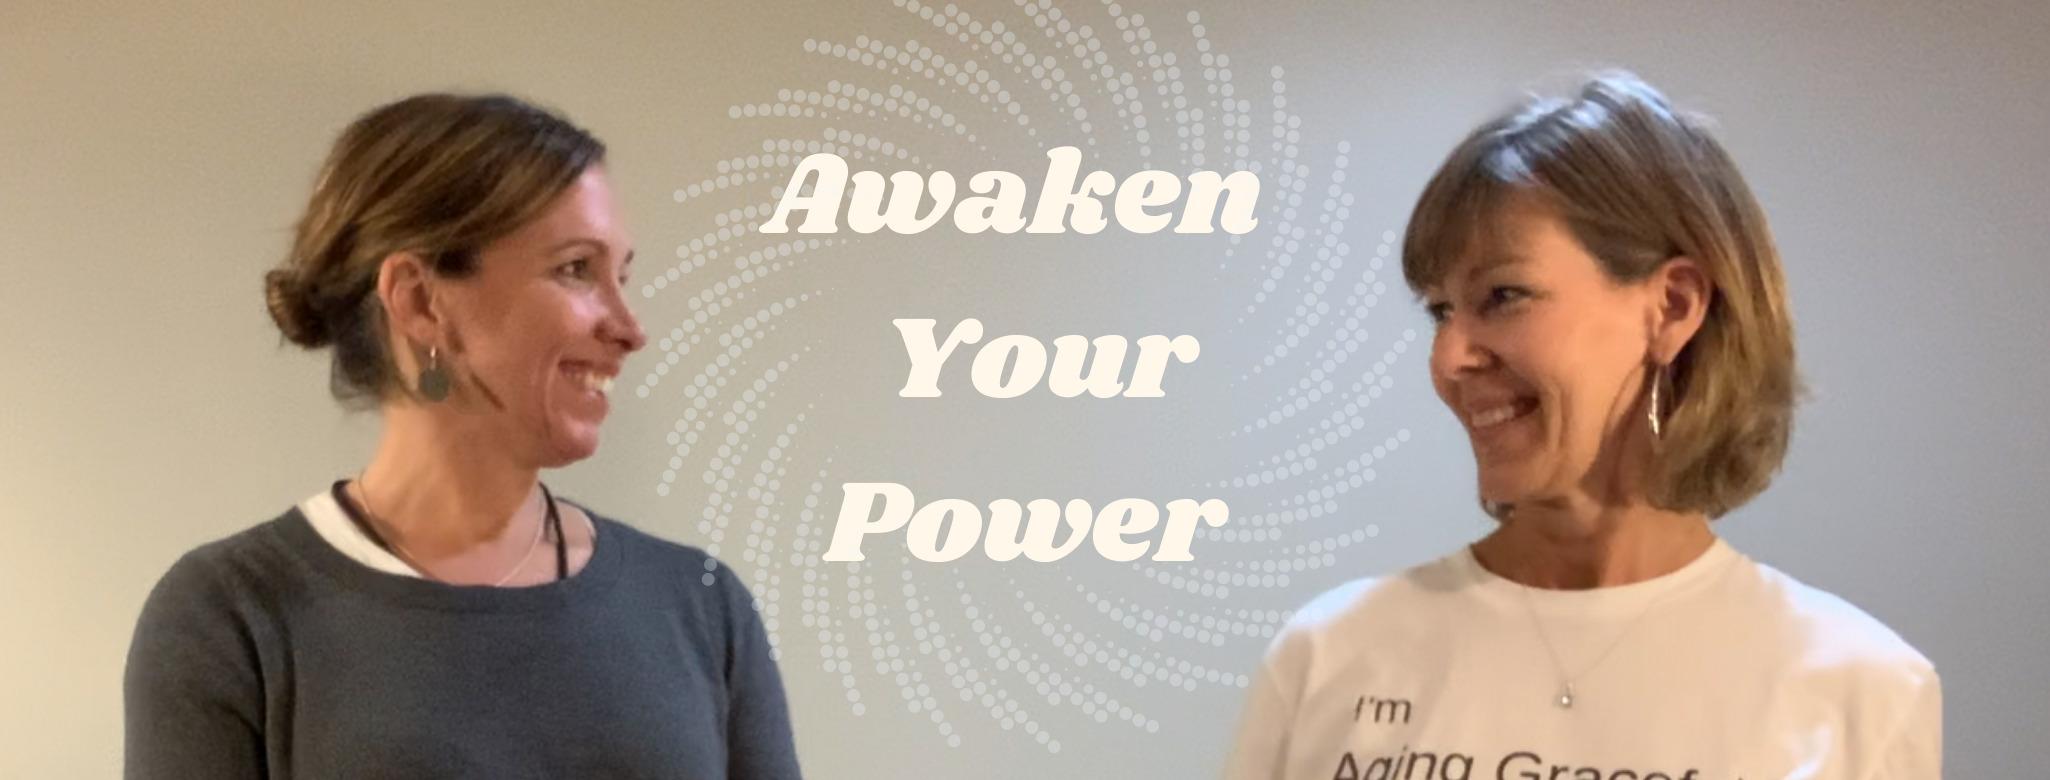 AWAKEN Your POWER in 2020!